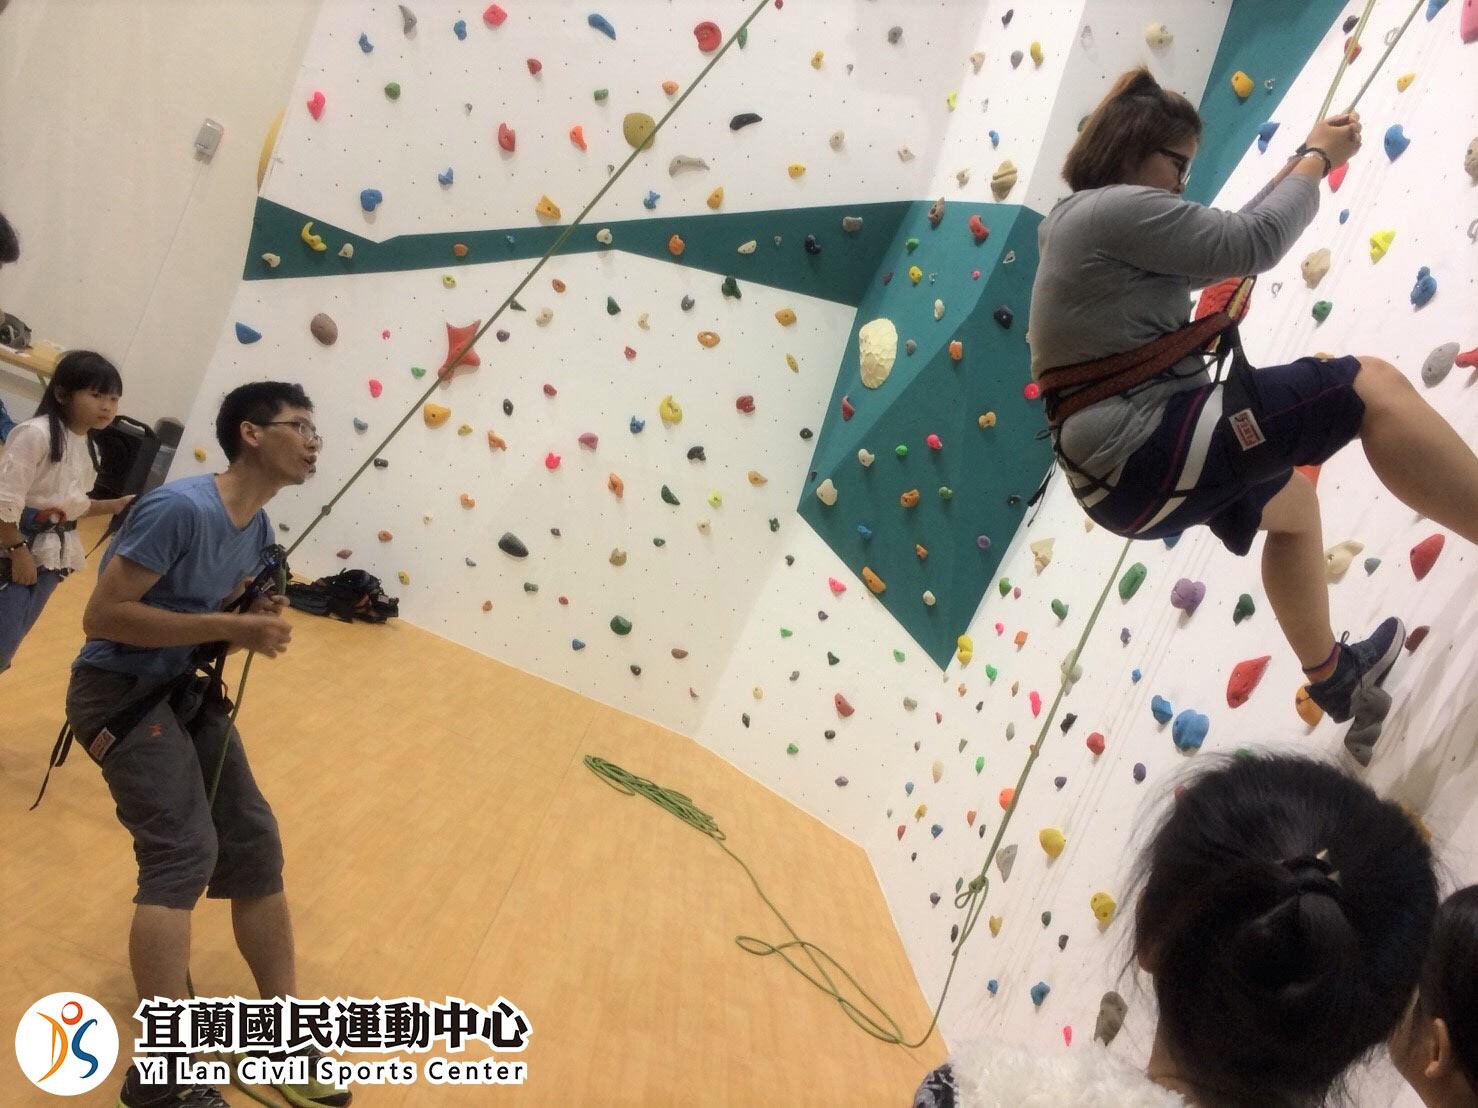 室內攀岩場學員攀爬實景(jpg)